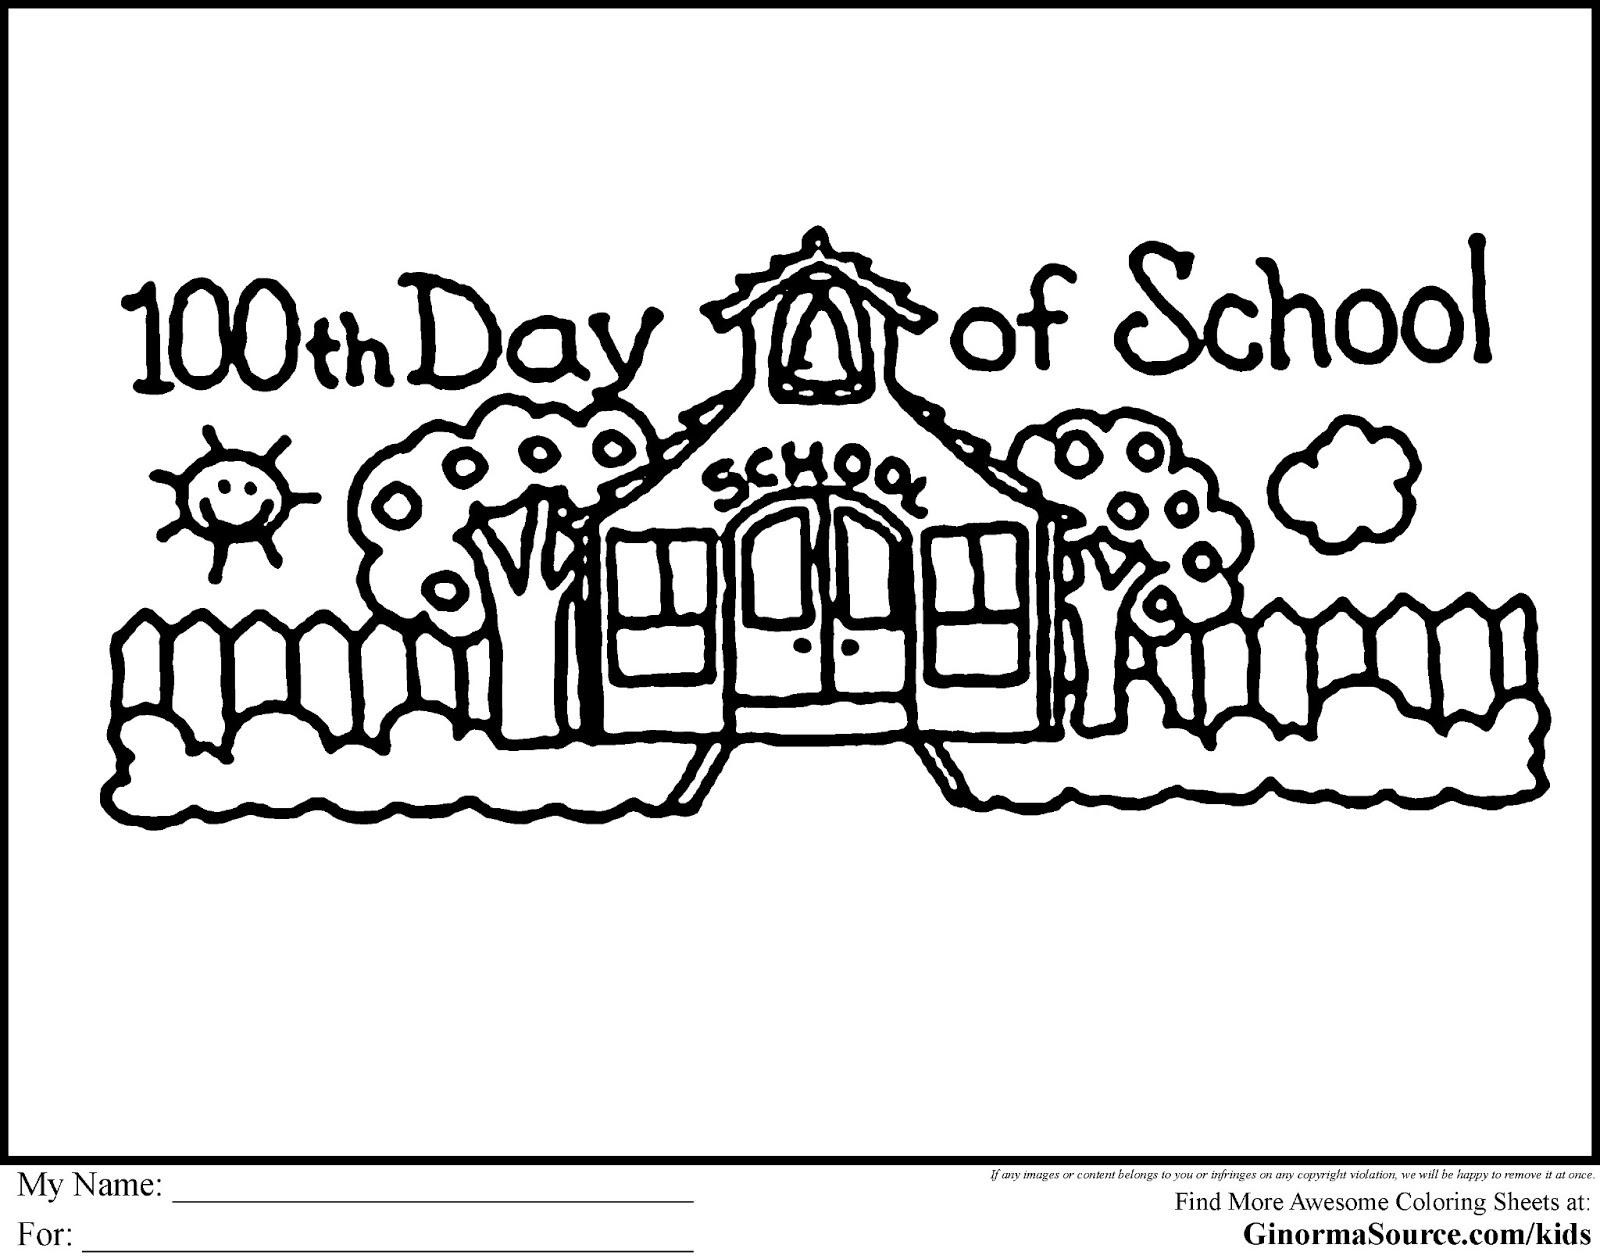 100 Day Celebration Clipart.